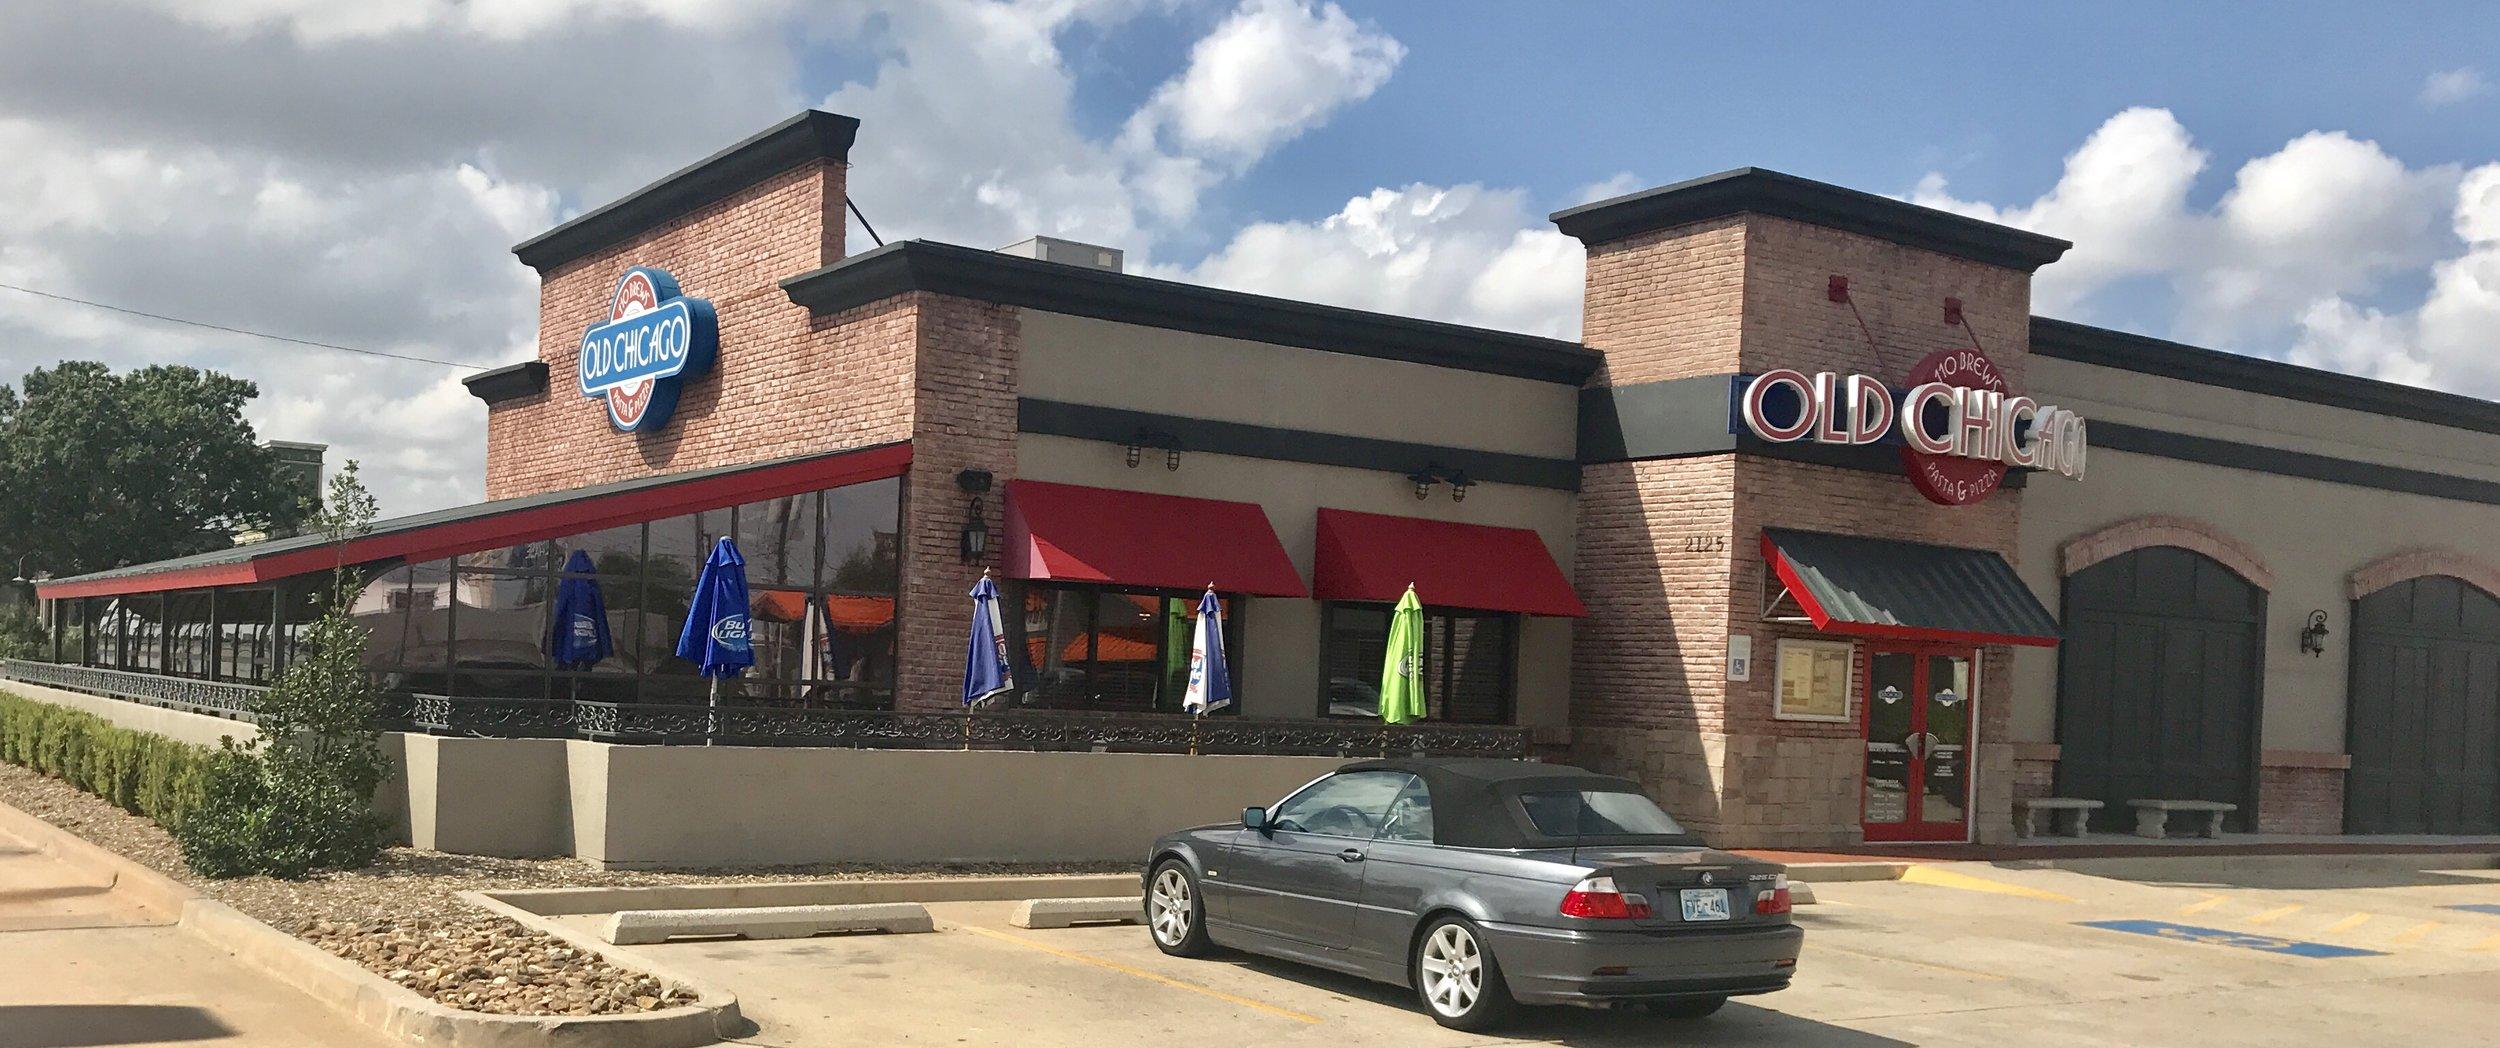 2125 S.W. 74th Street, Oklahoma City, OK